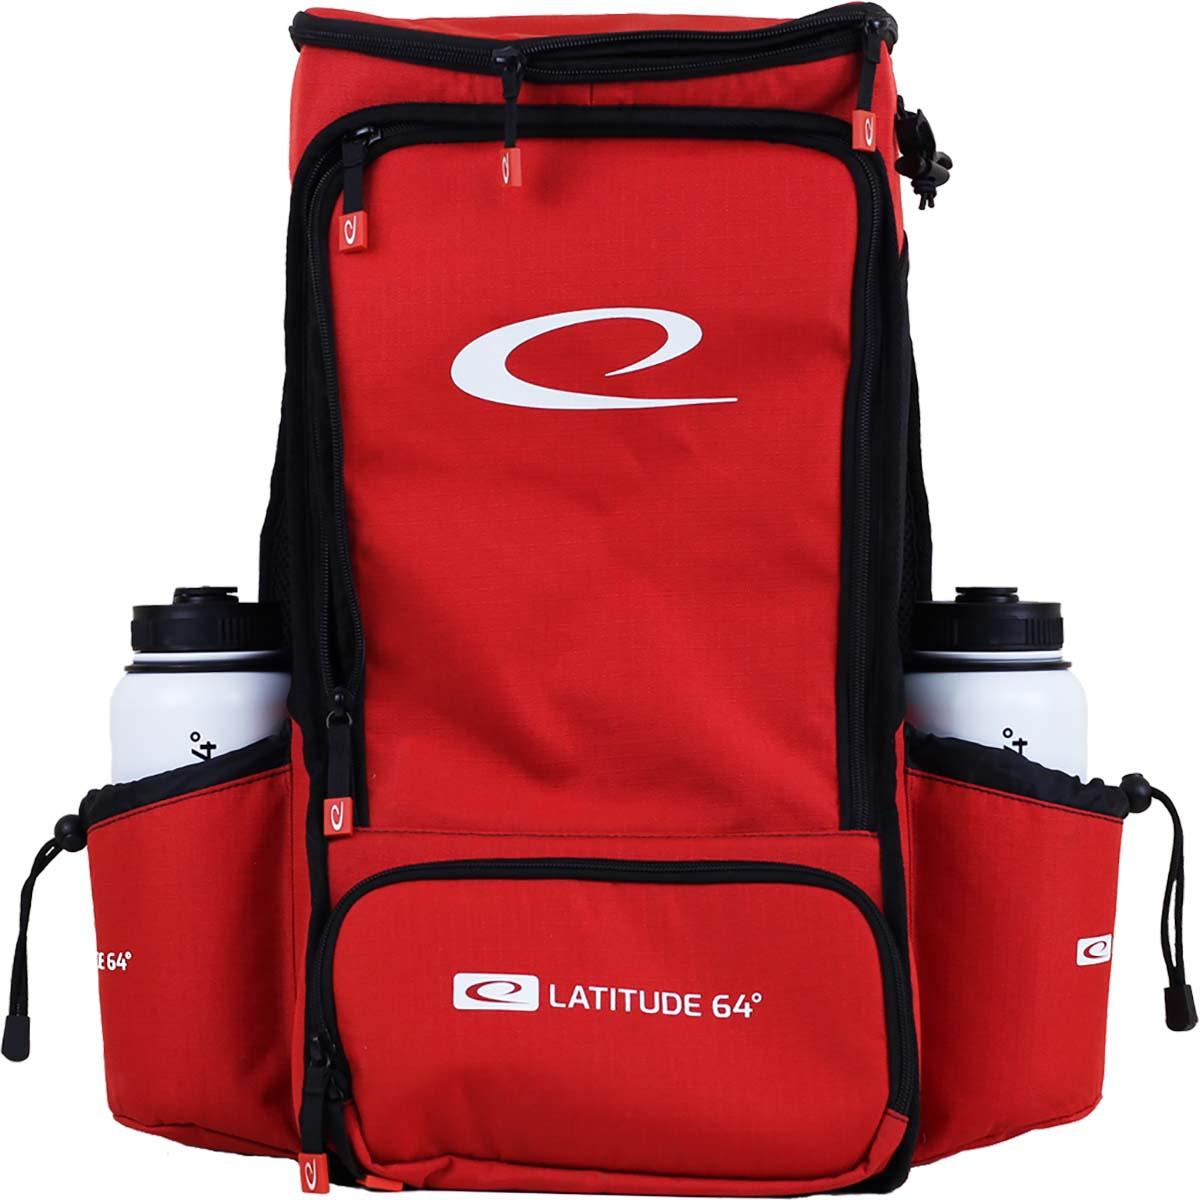 Latitude Easy-Go Backpack V2